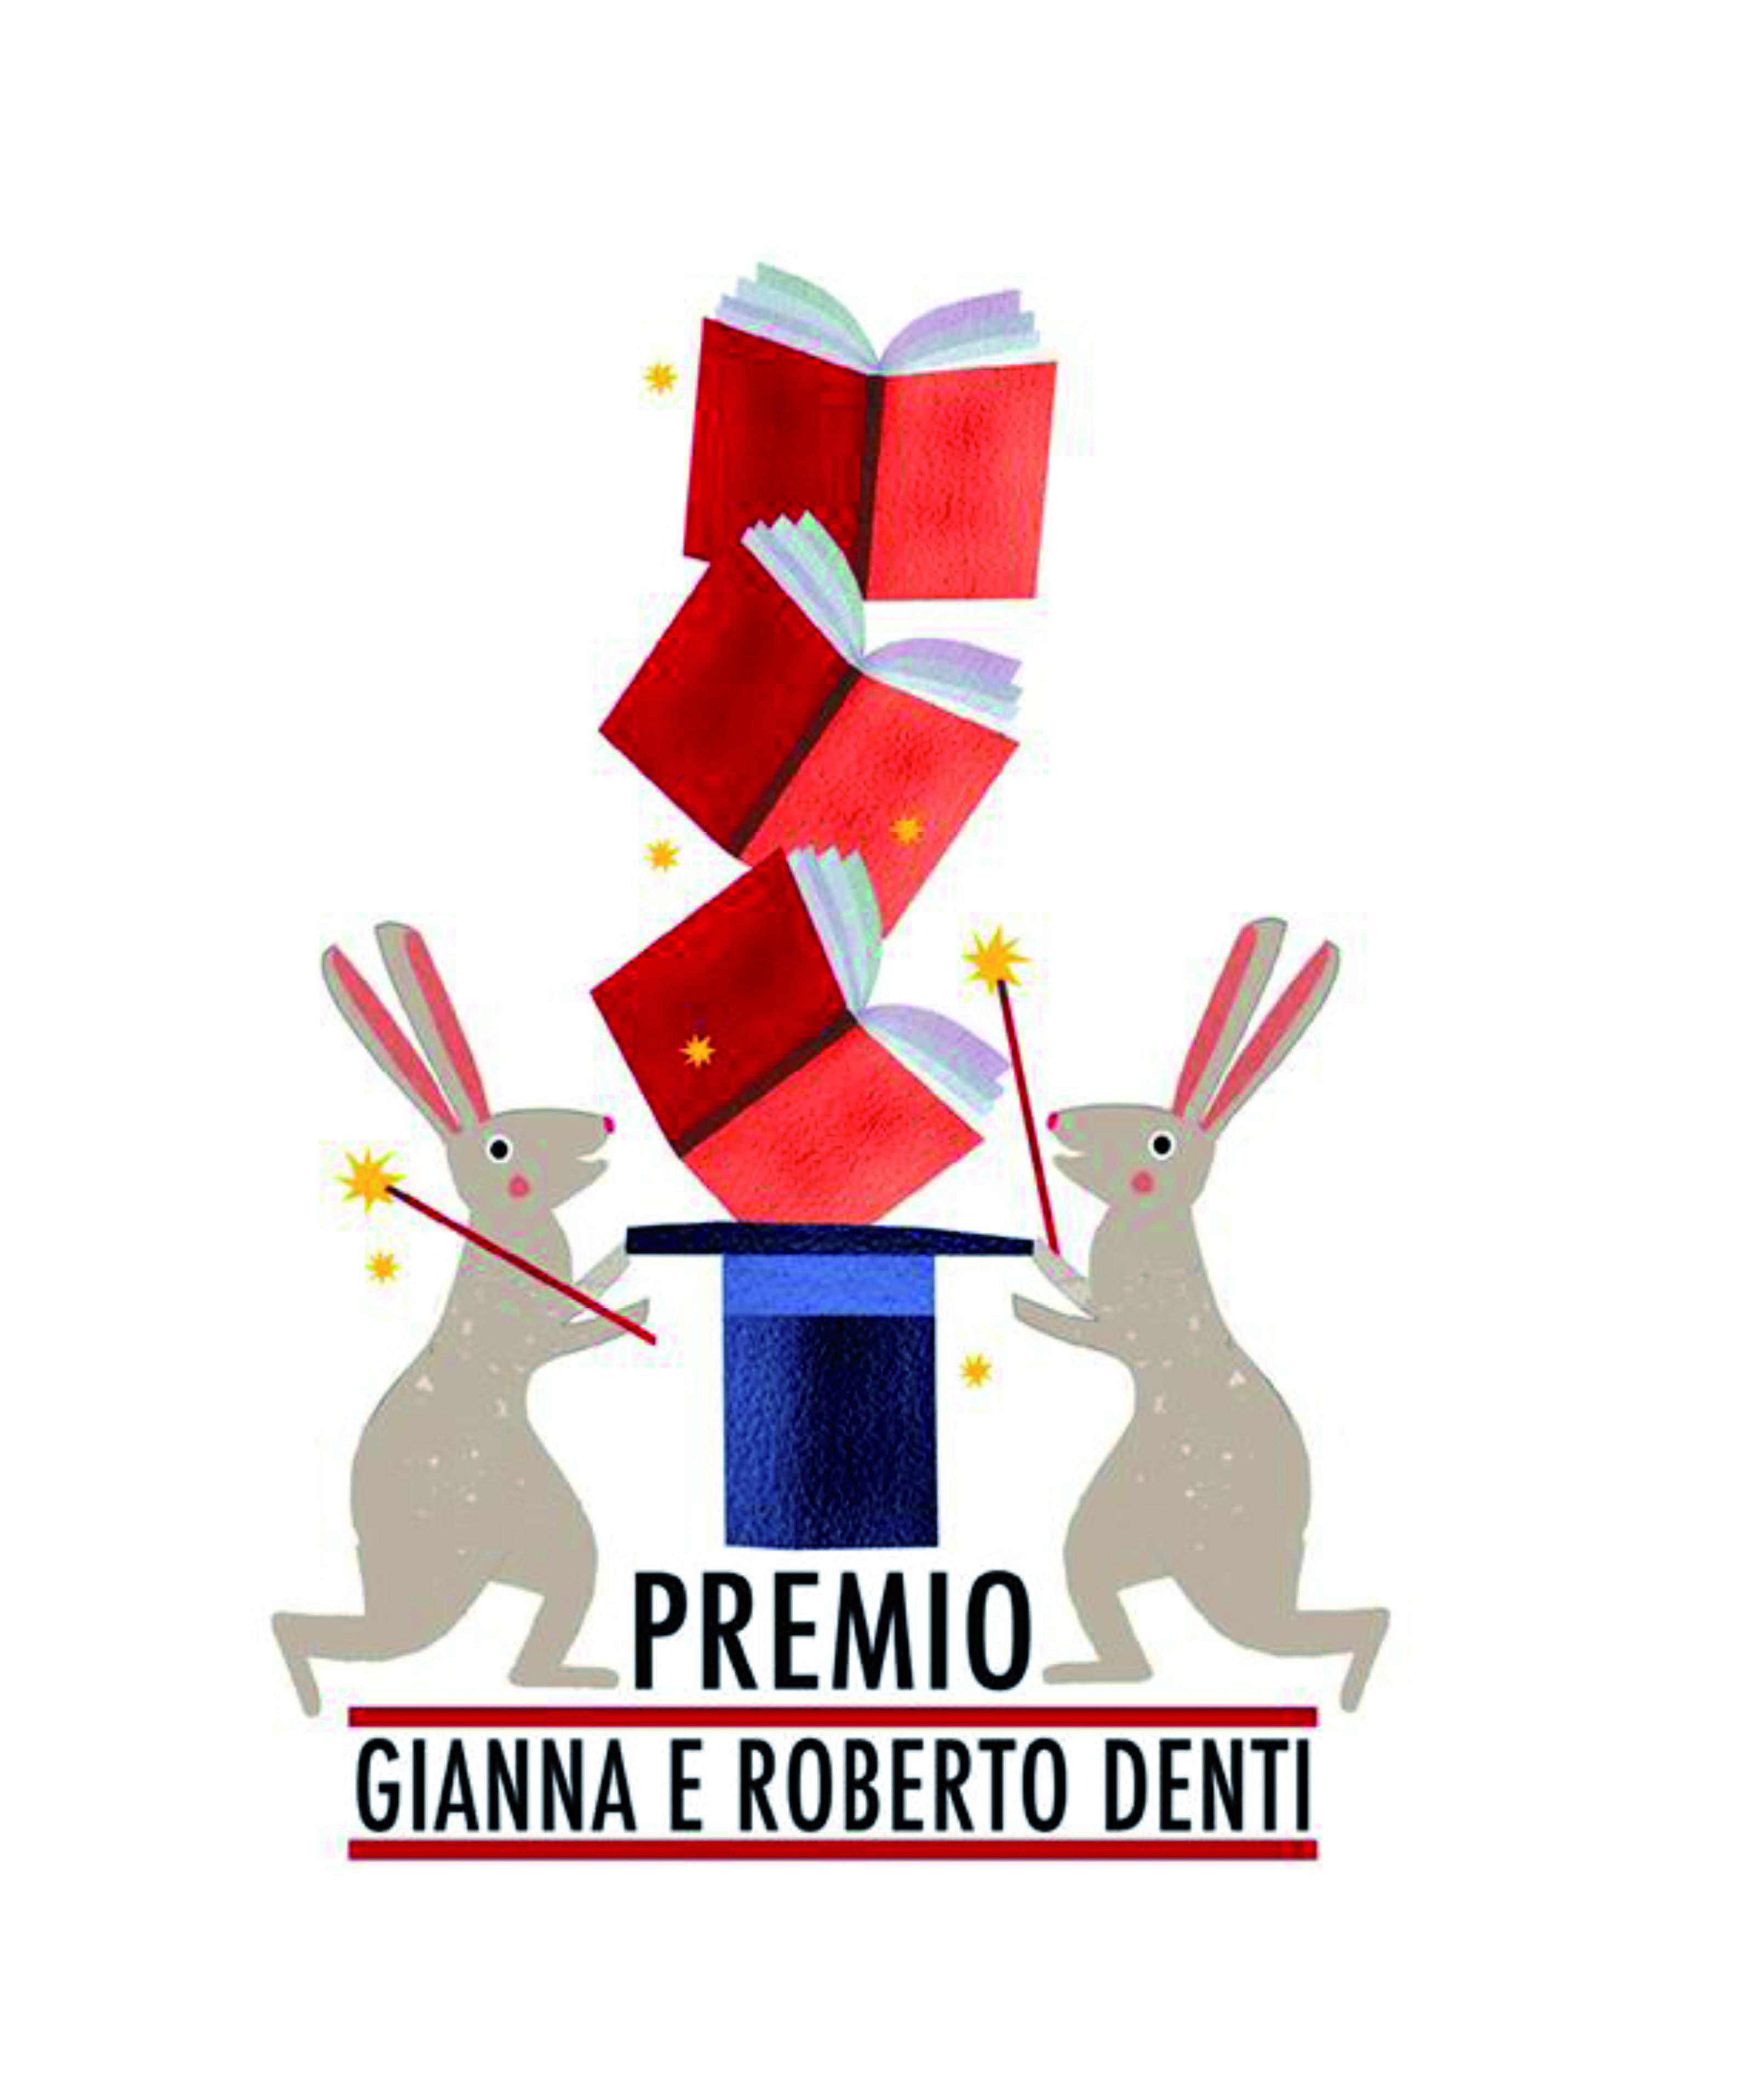 LOGO PREMIO DENTI